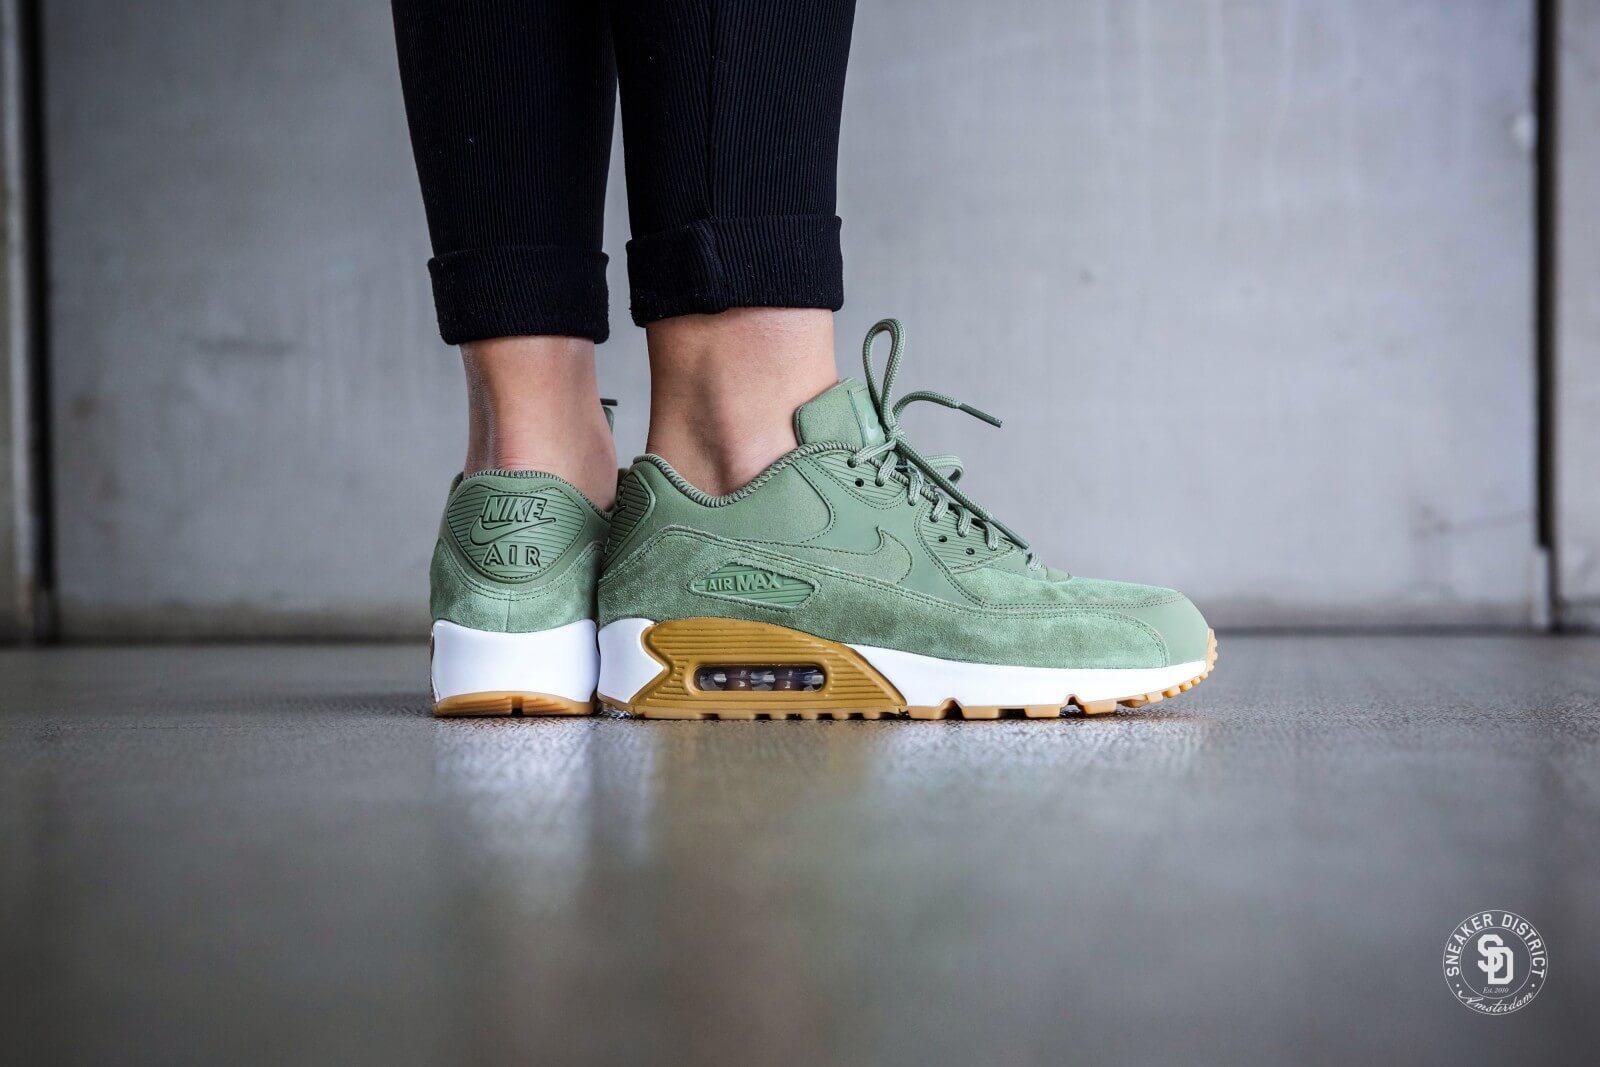 881105 300 Nike Wmns Air Max 90 Se Oil Greenoil Green gum